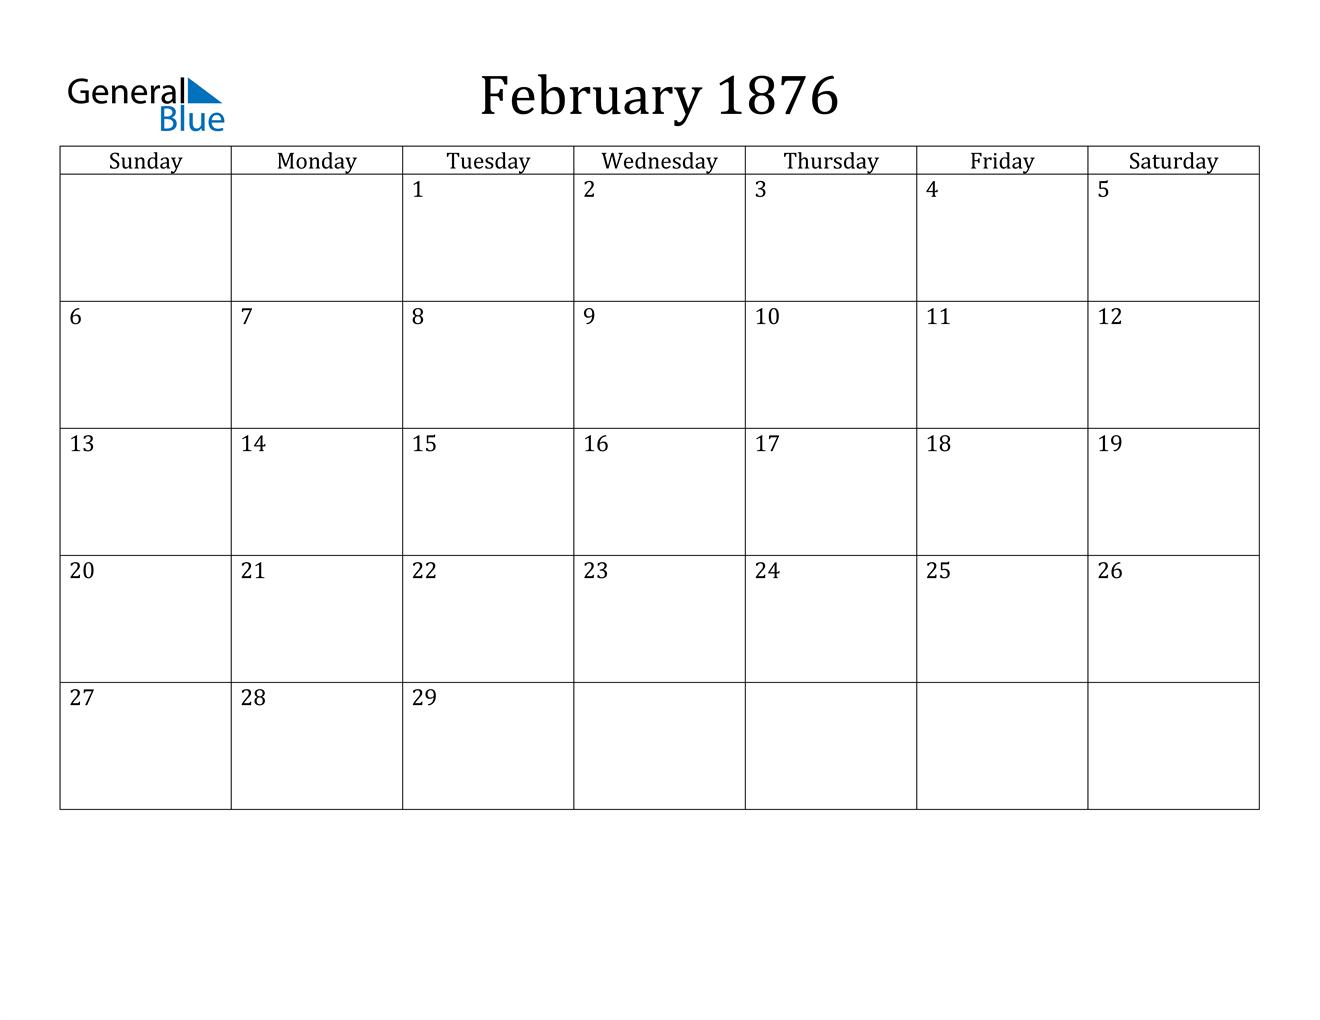 Image of February 1876 Calendar